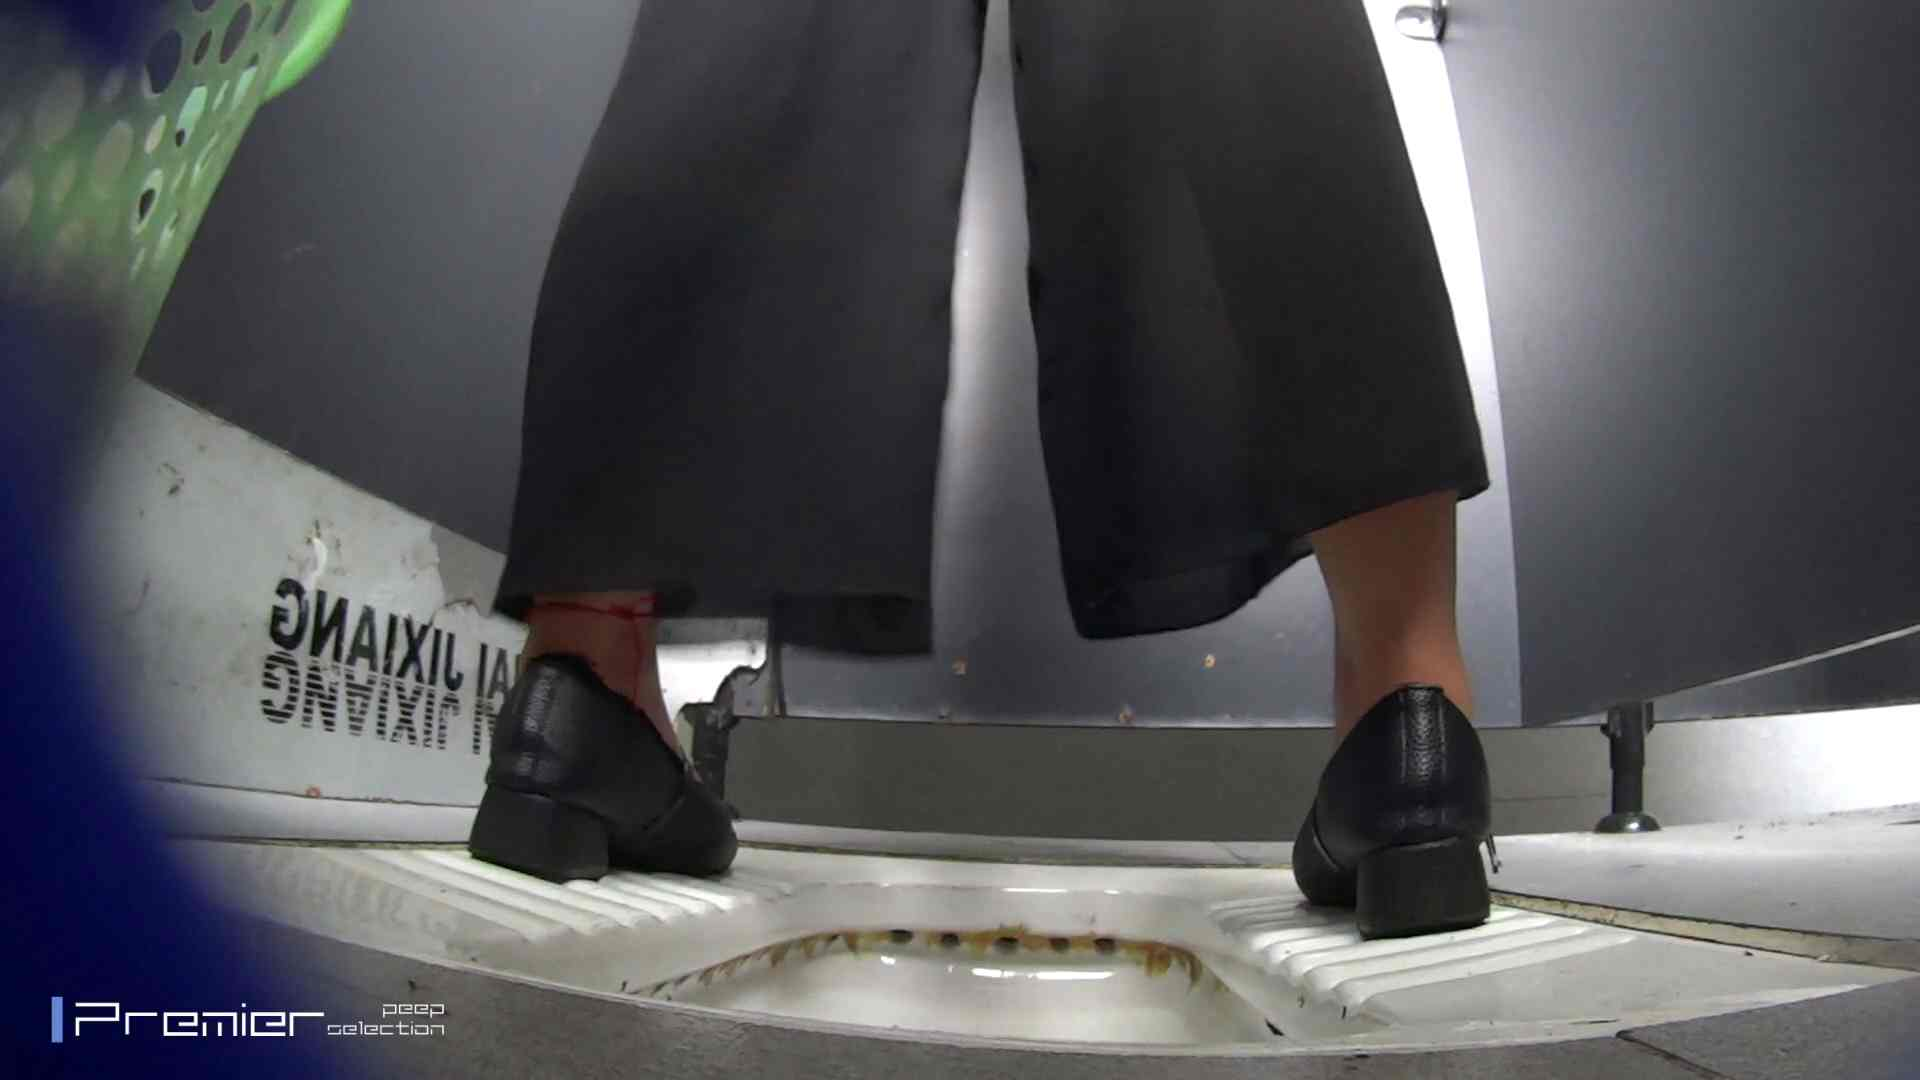 夏全開!ハーフパンツのギャル達 大学休憩時間の洗面所事情44 お姉さん  112pic 21